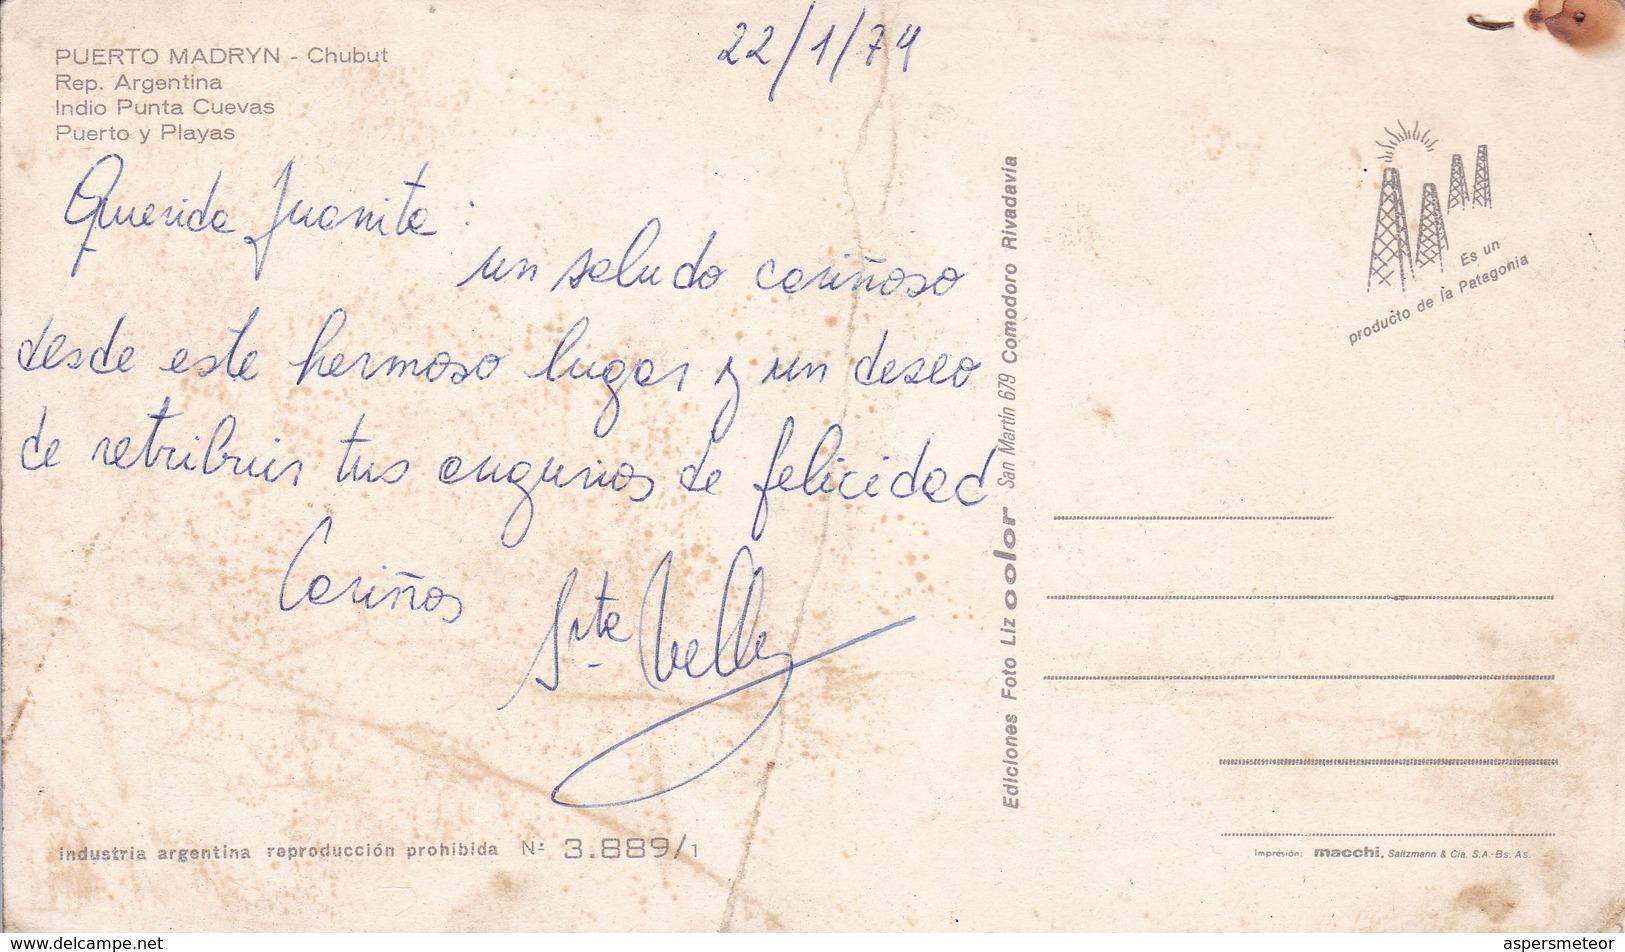 PUERTO MADRYN, CHUBUT. INDIO PUNTA CUEVAS, PUERTO Y PLAYAS. EDICIONES FOTO LIZ COLOR-ARGENTINE-BLEUP - Argentina